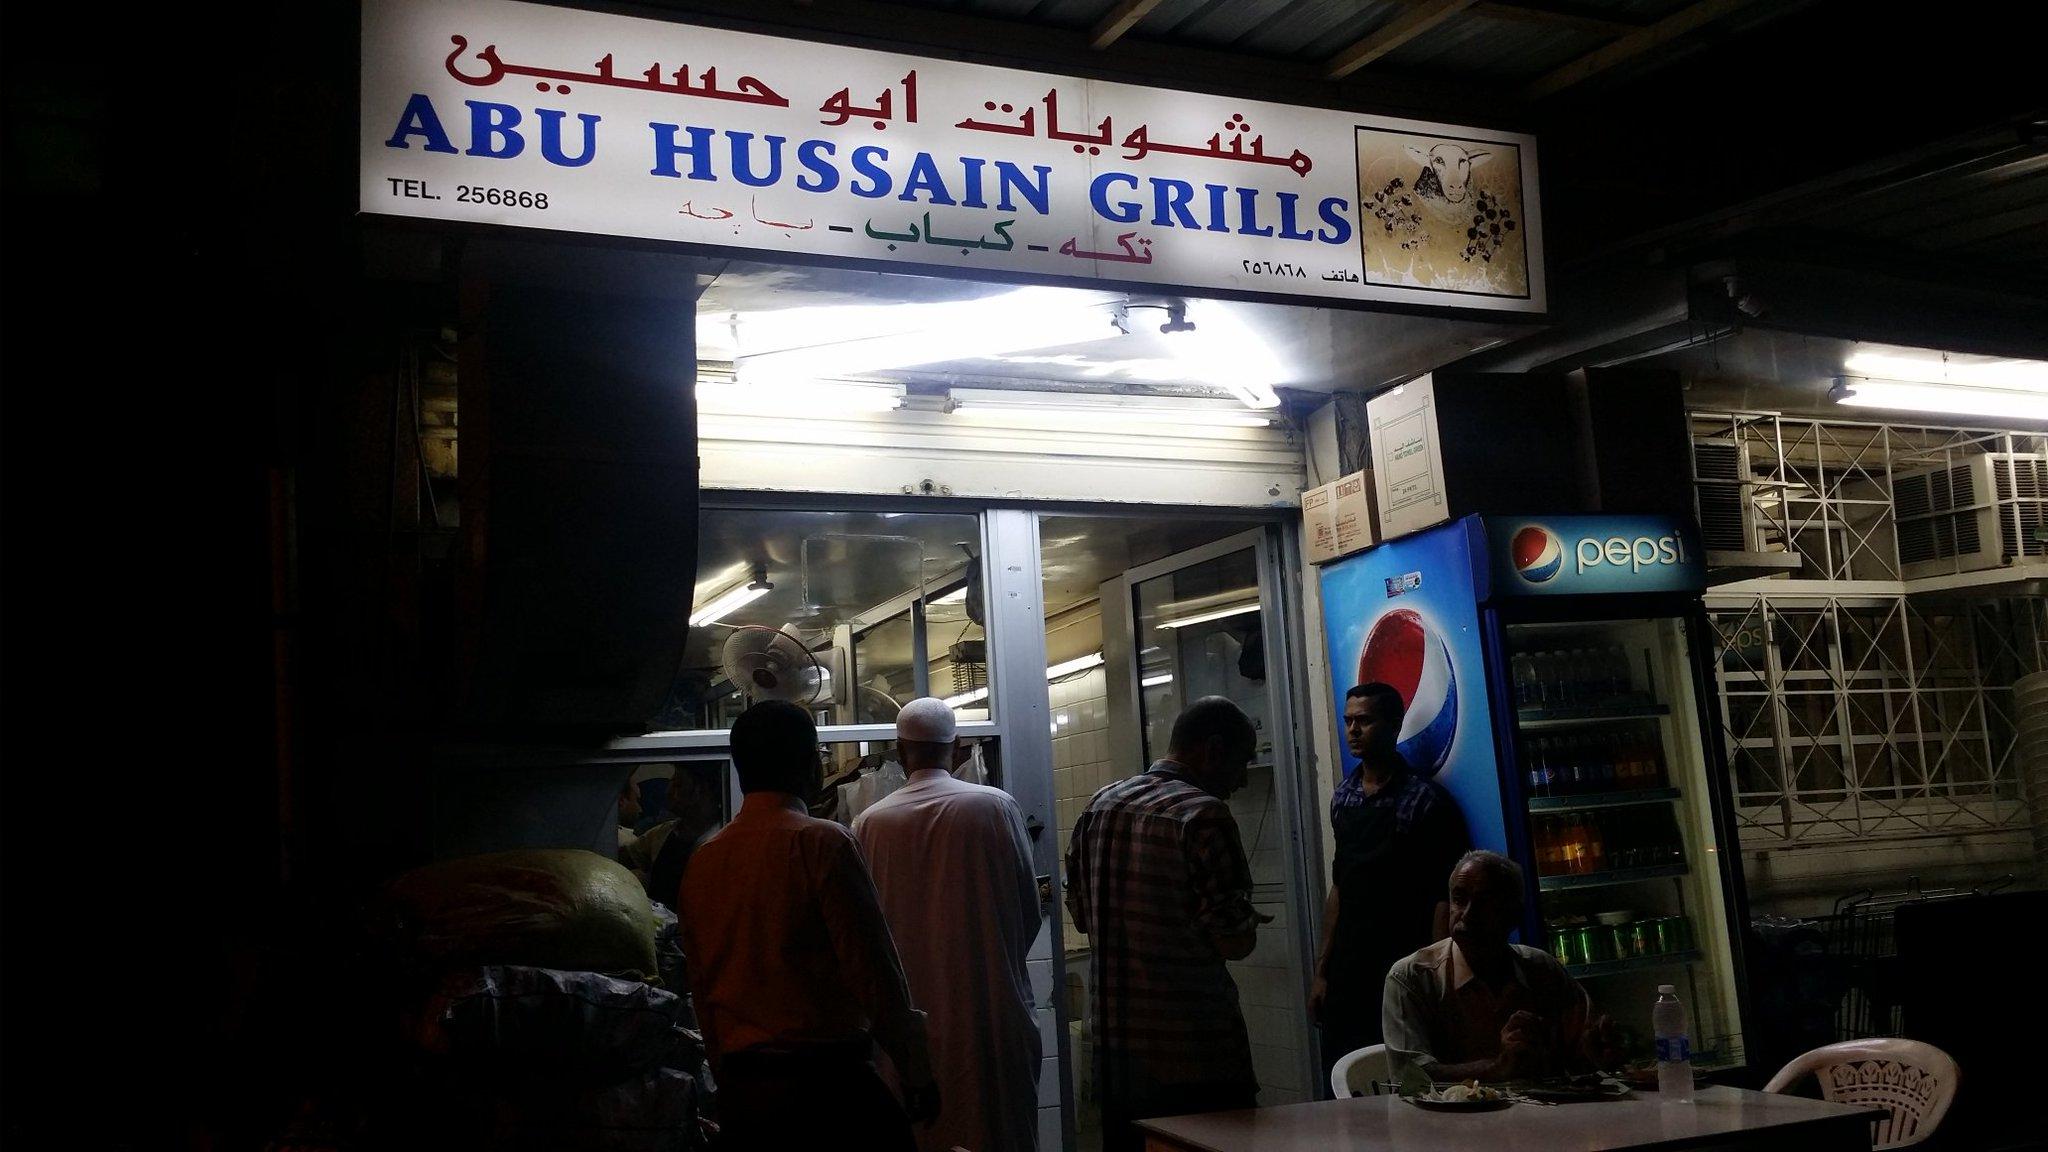 أسعار منيو وفروع ورقم مطعم ابو حسين السوري